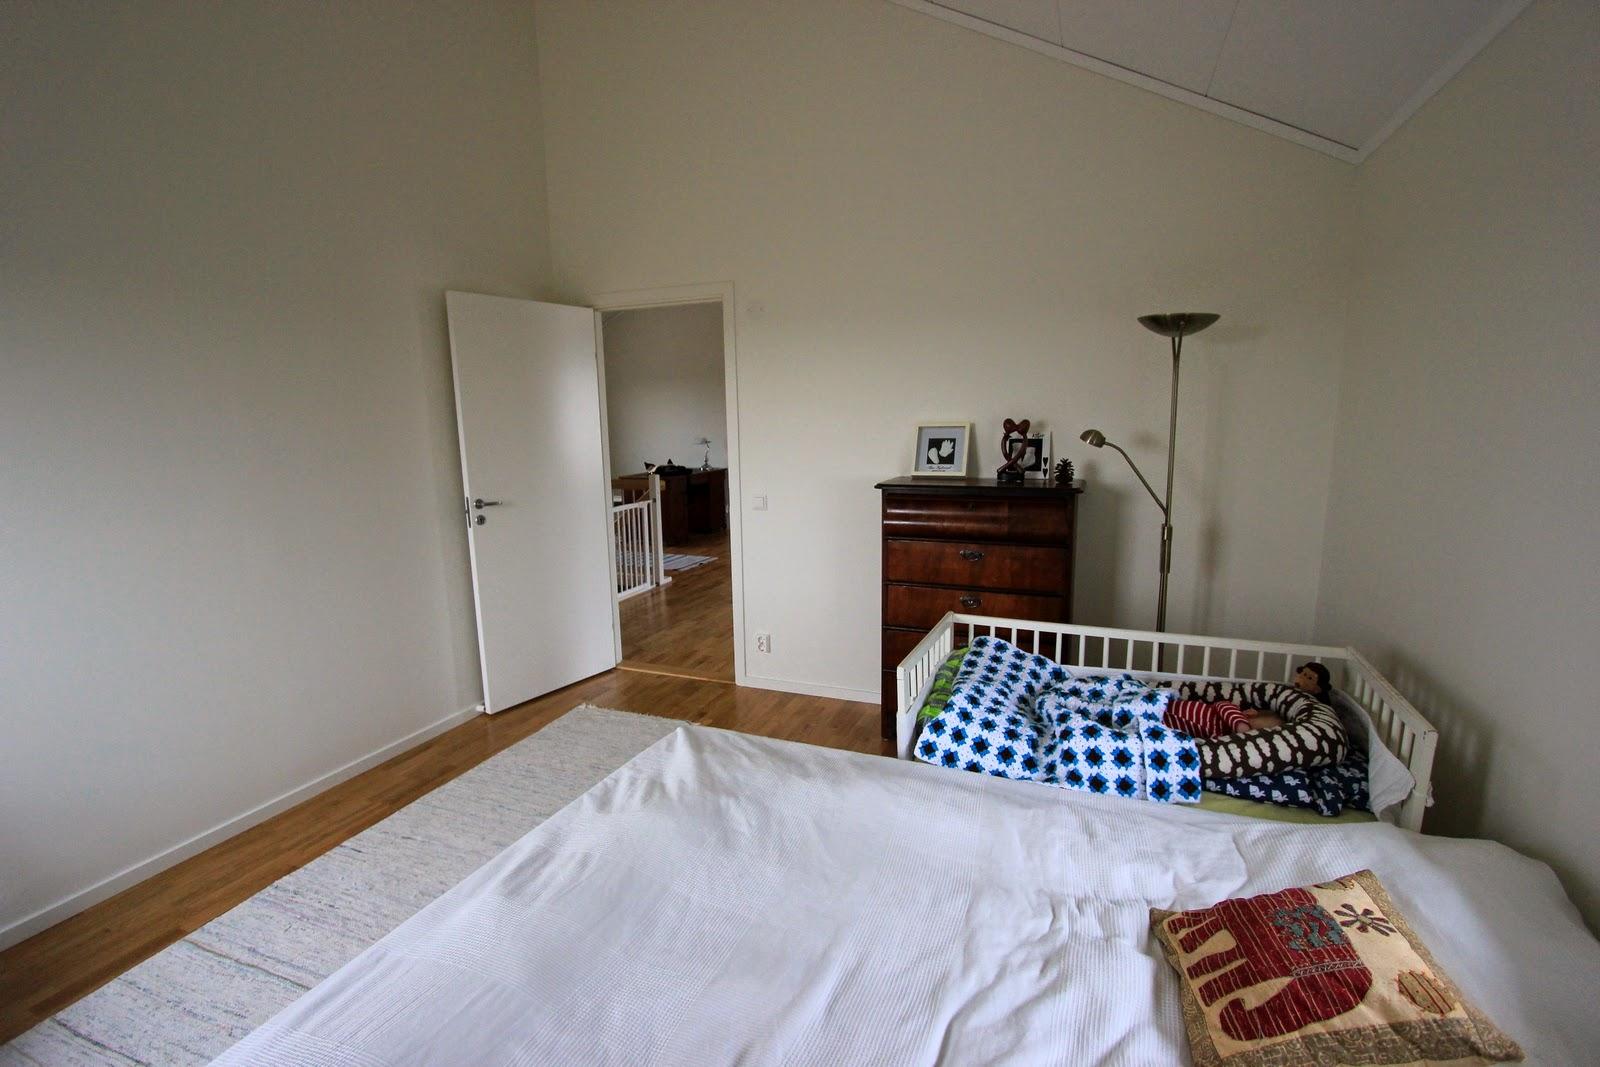 VÃ¥rt hus blir till: januari 2015